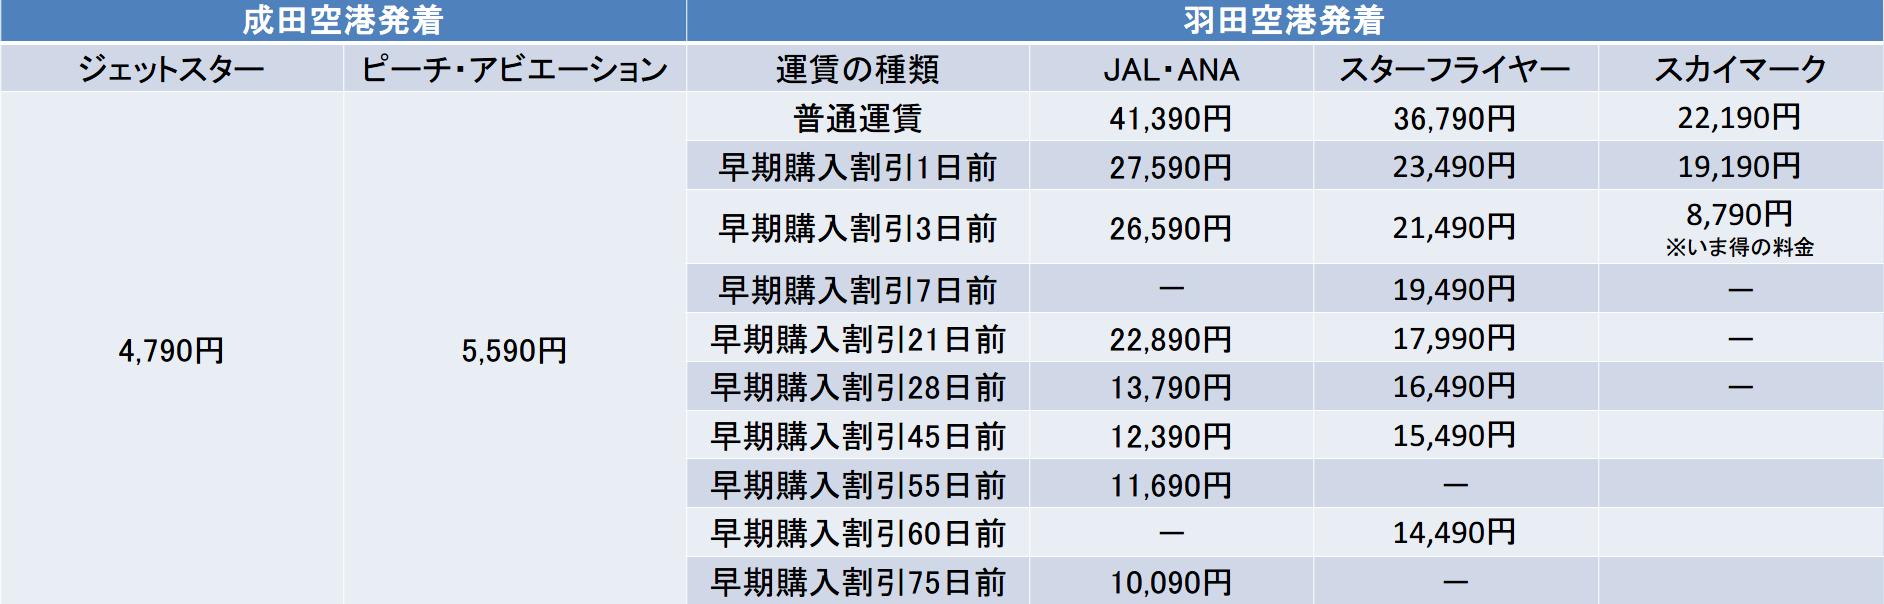 東京-福岡間のLCCとANAJALの運賃比較表